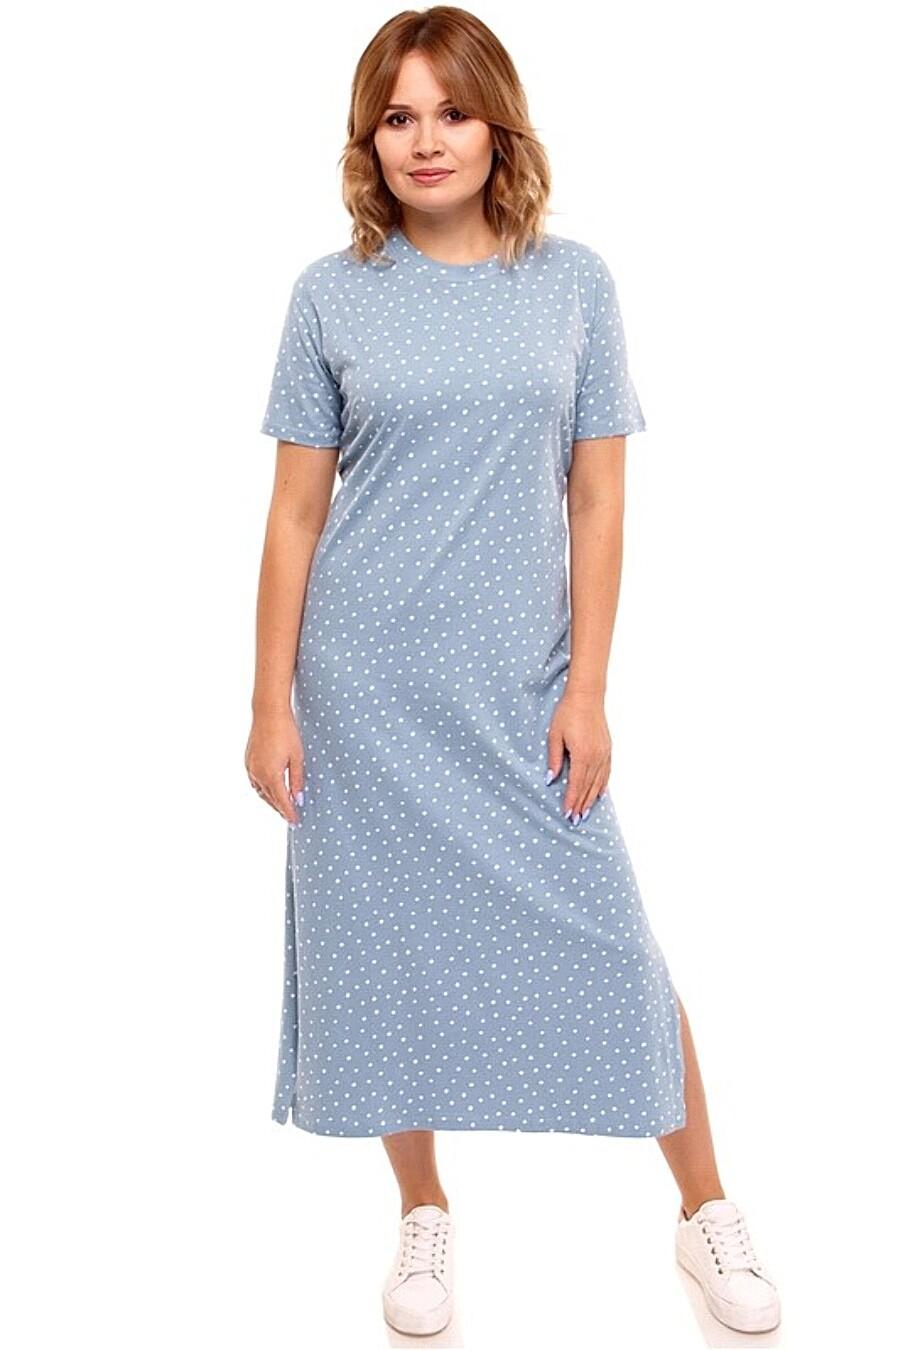 Платье для женщин Archi 239142 купить оптом от производителя. Совместная покупка женской одежды в OptMoyo